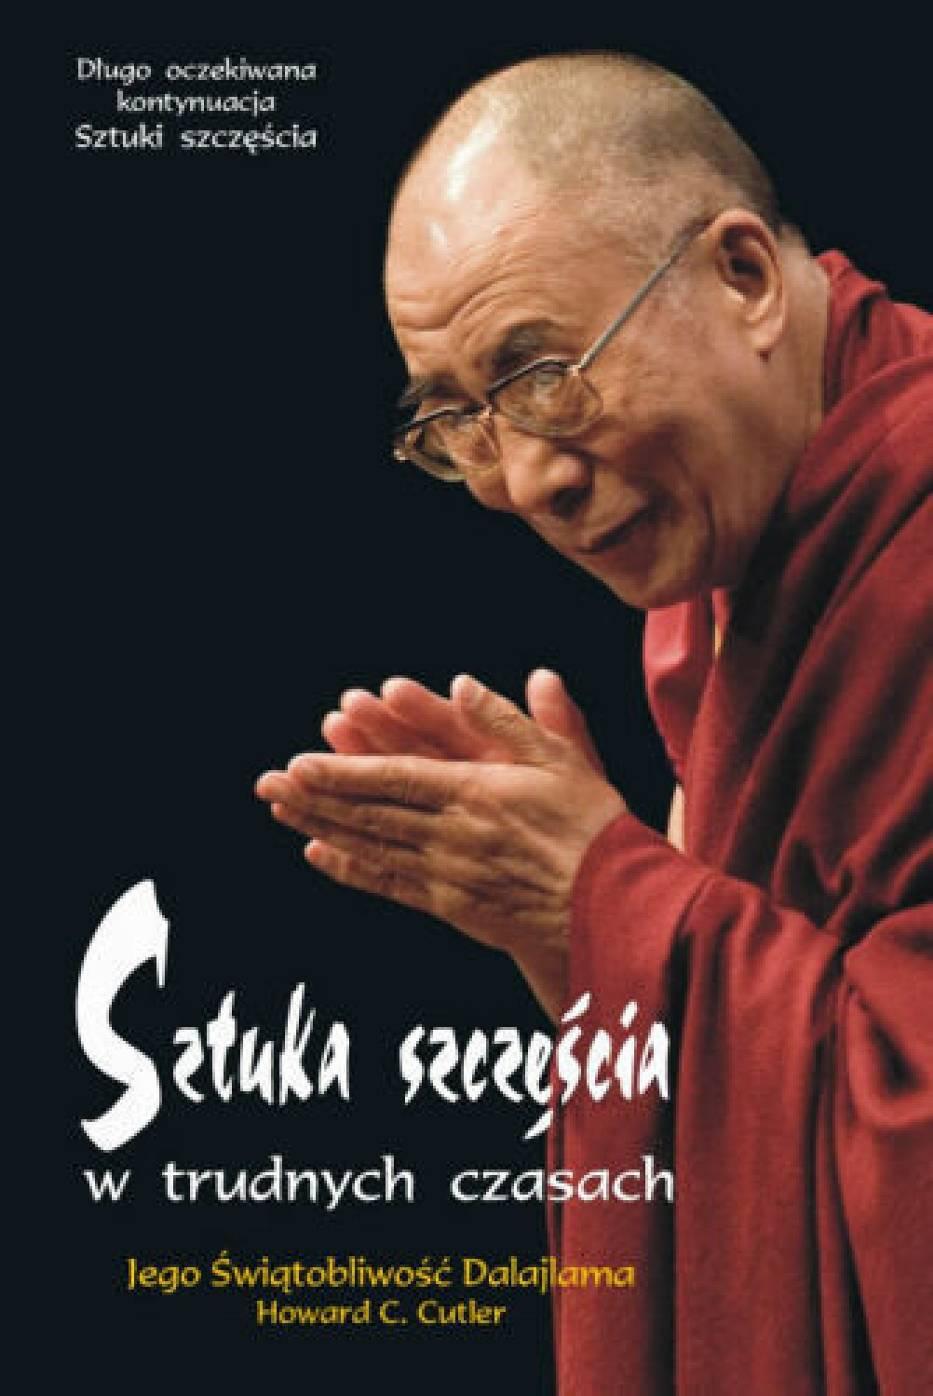 """""""Sztuka szczęścia w trudnych czasach"""" Dalajlama, Howard C"""